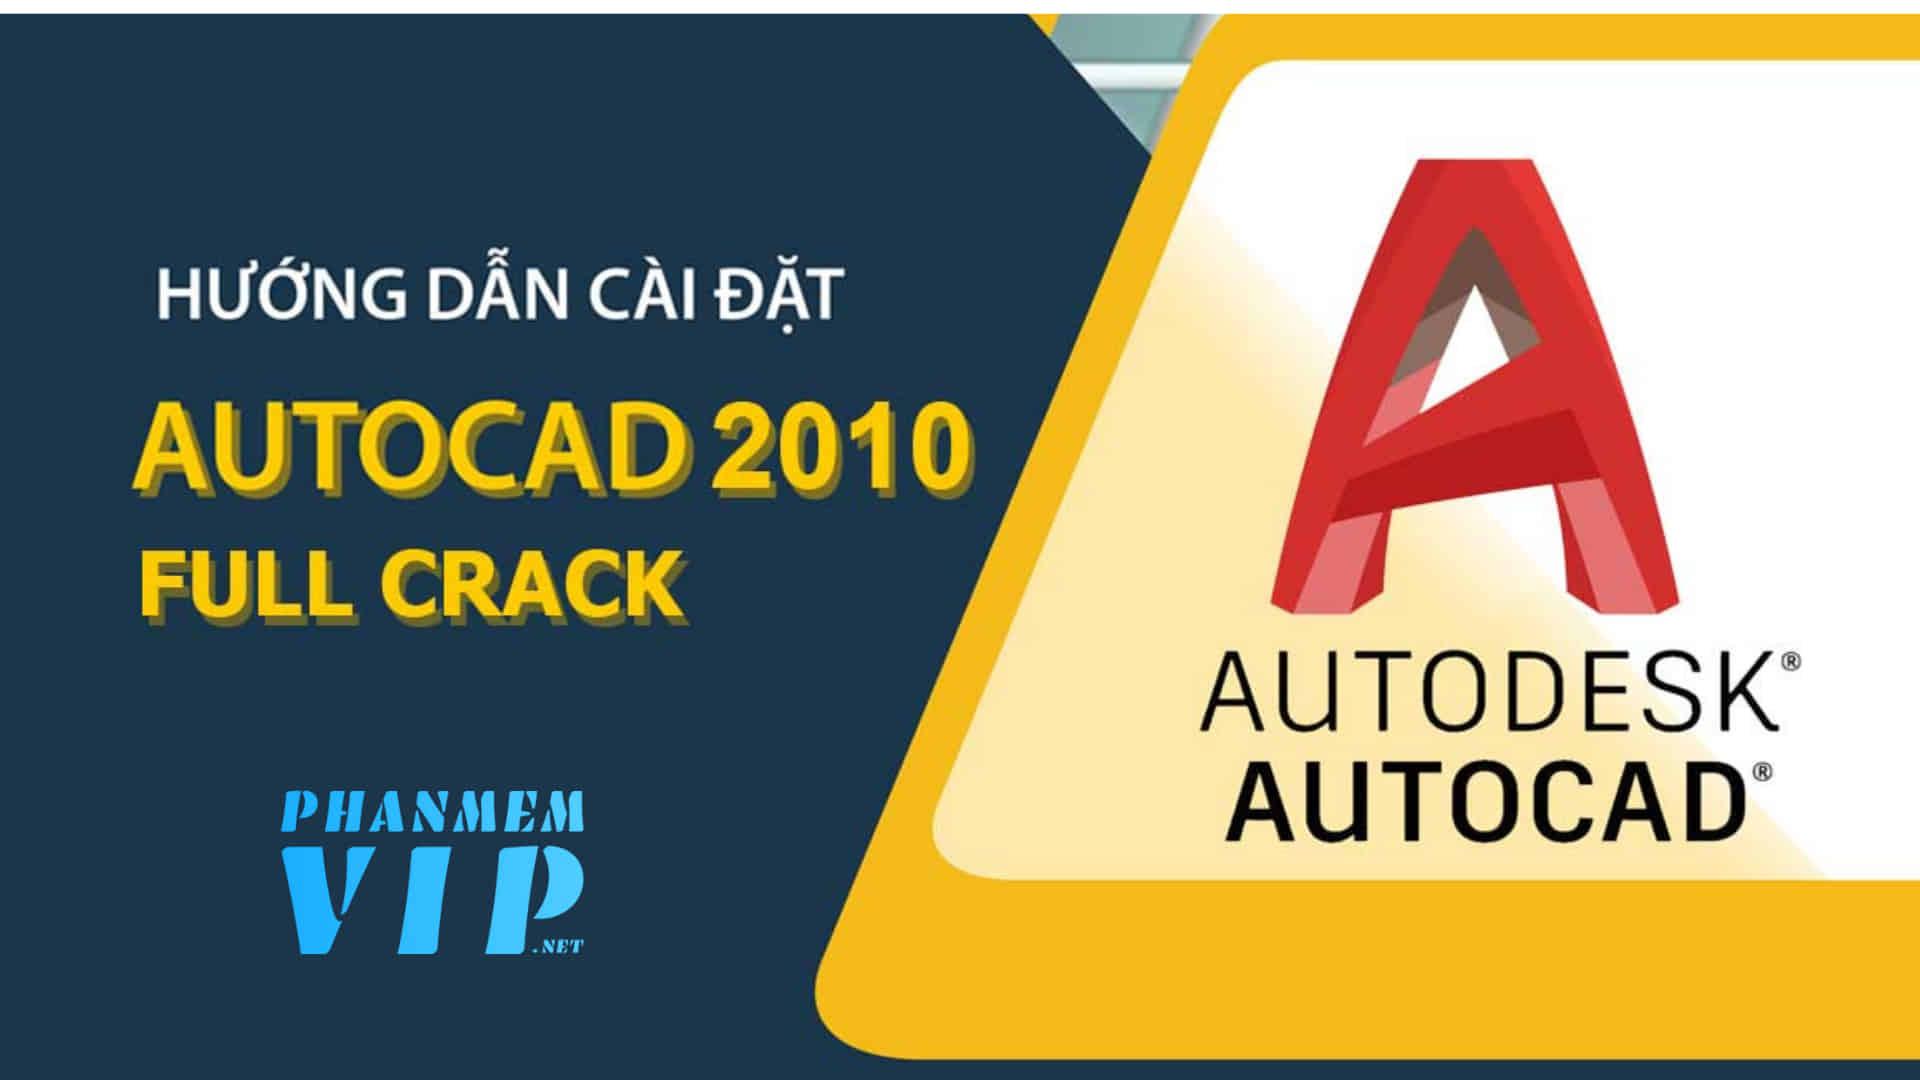 Autocad 2010 Full Crack | Download tải hướng dẫn Cài đặt